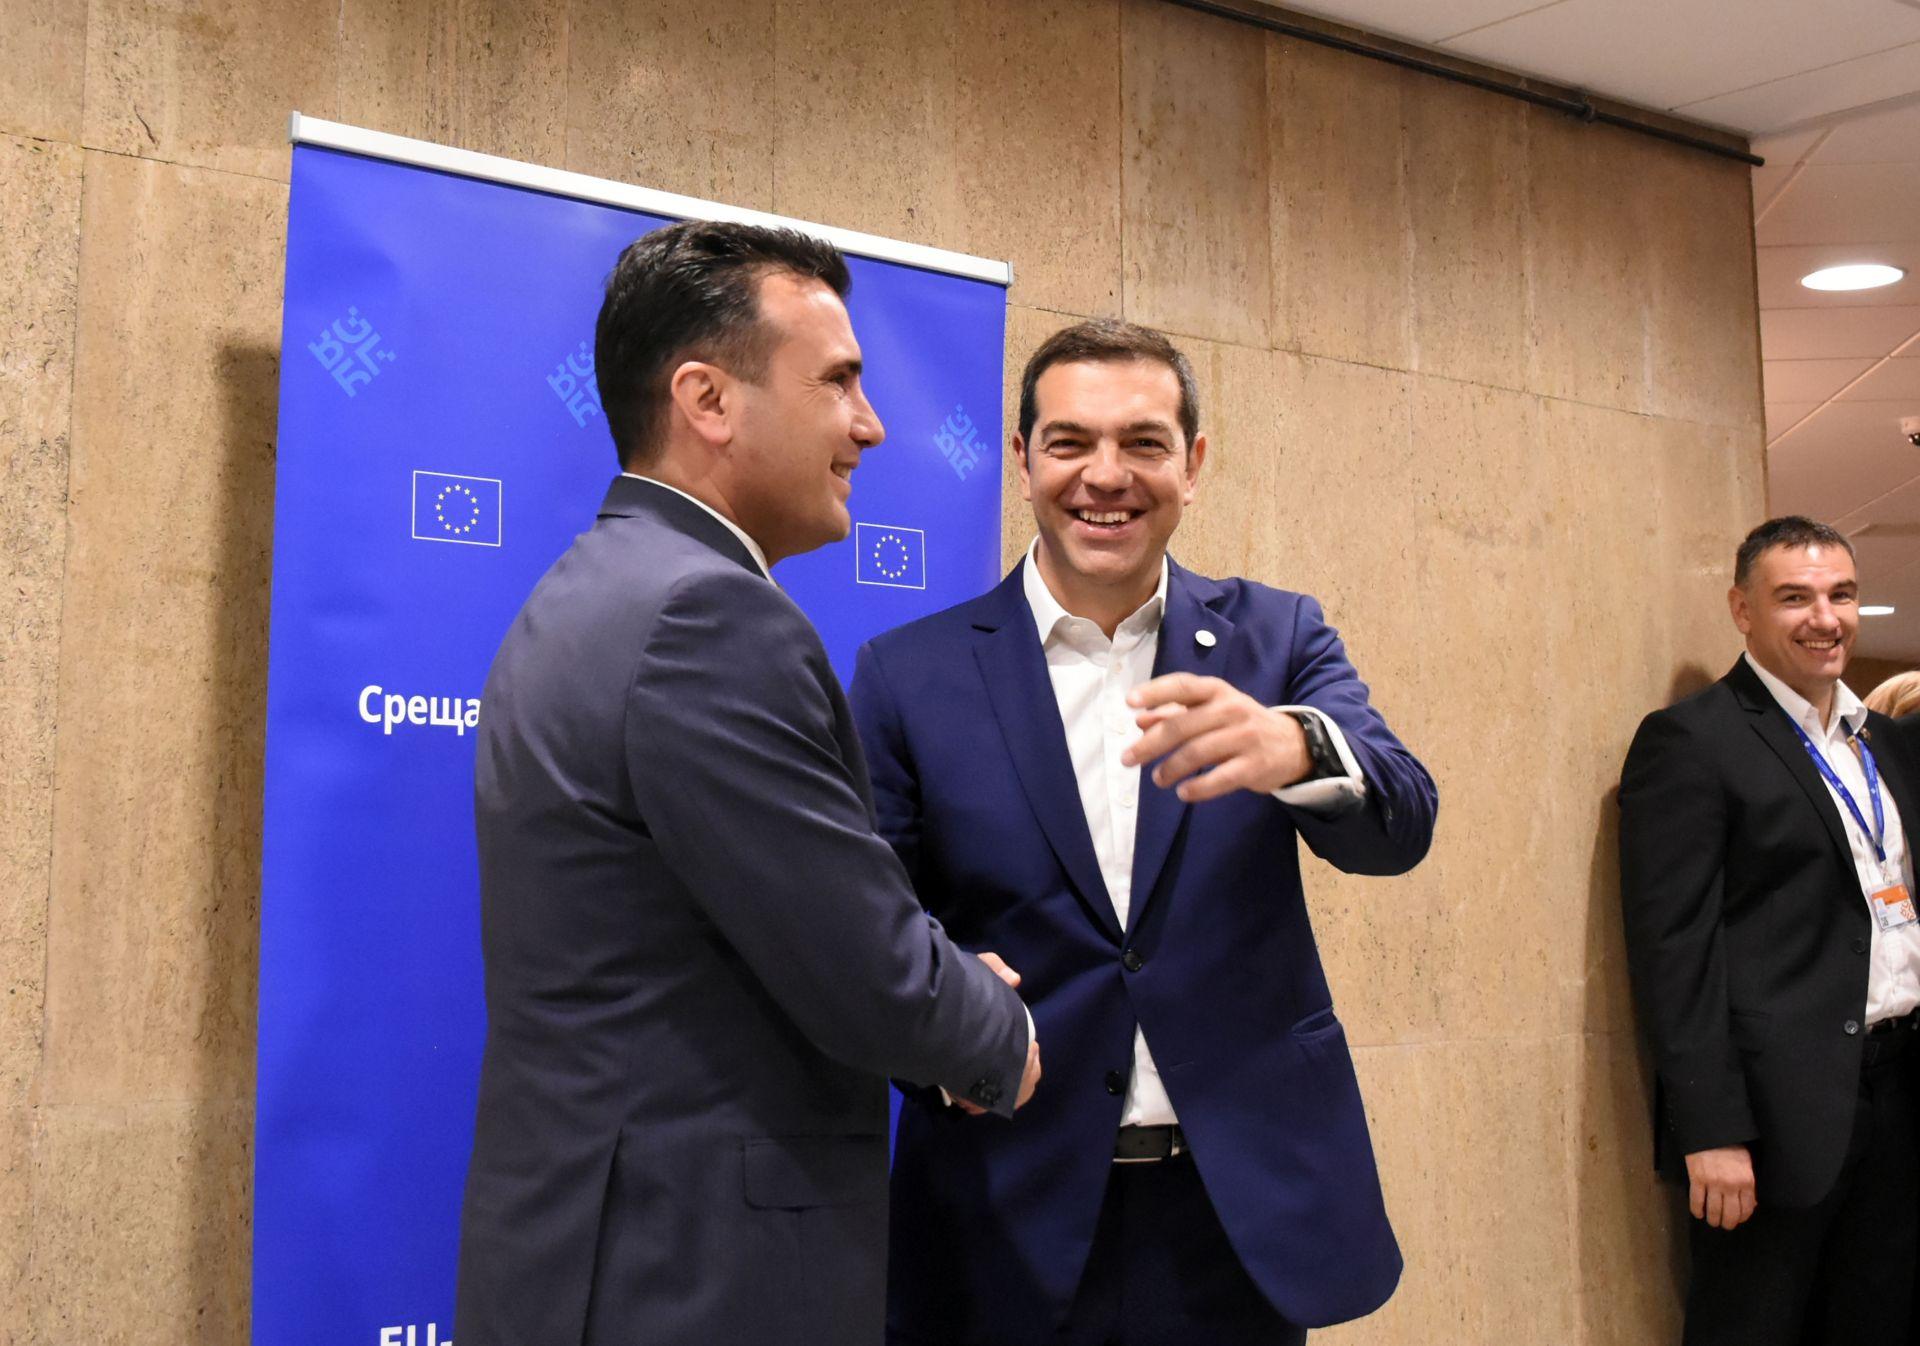 Премиерите на Гърция и Македония Алексис Ципрас и Зоран Заев подготвят знаменитото споразумение